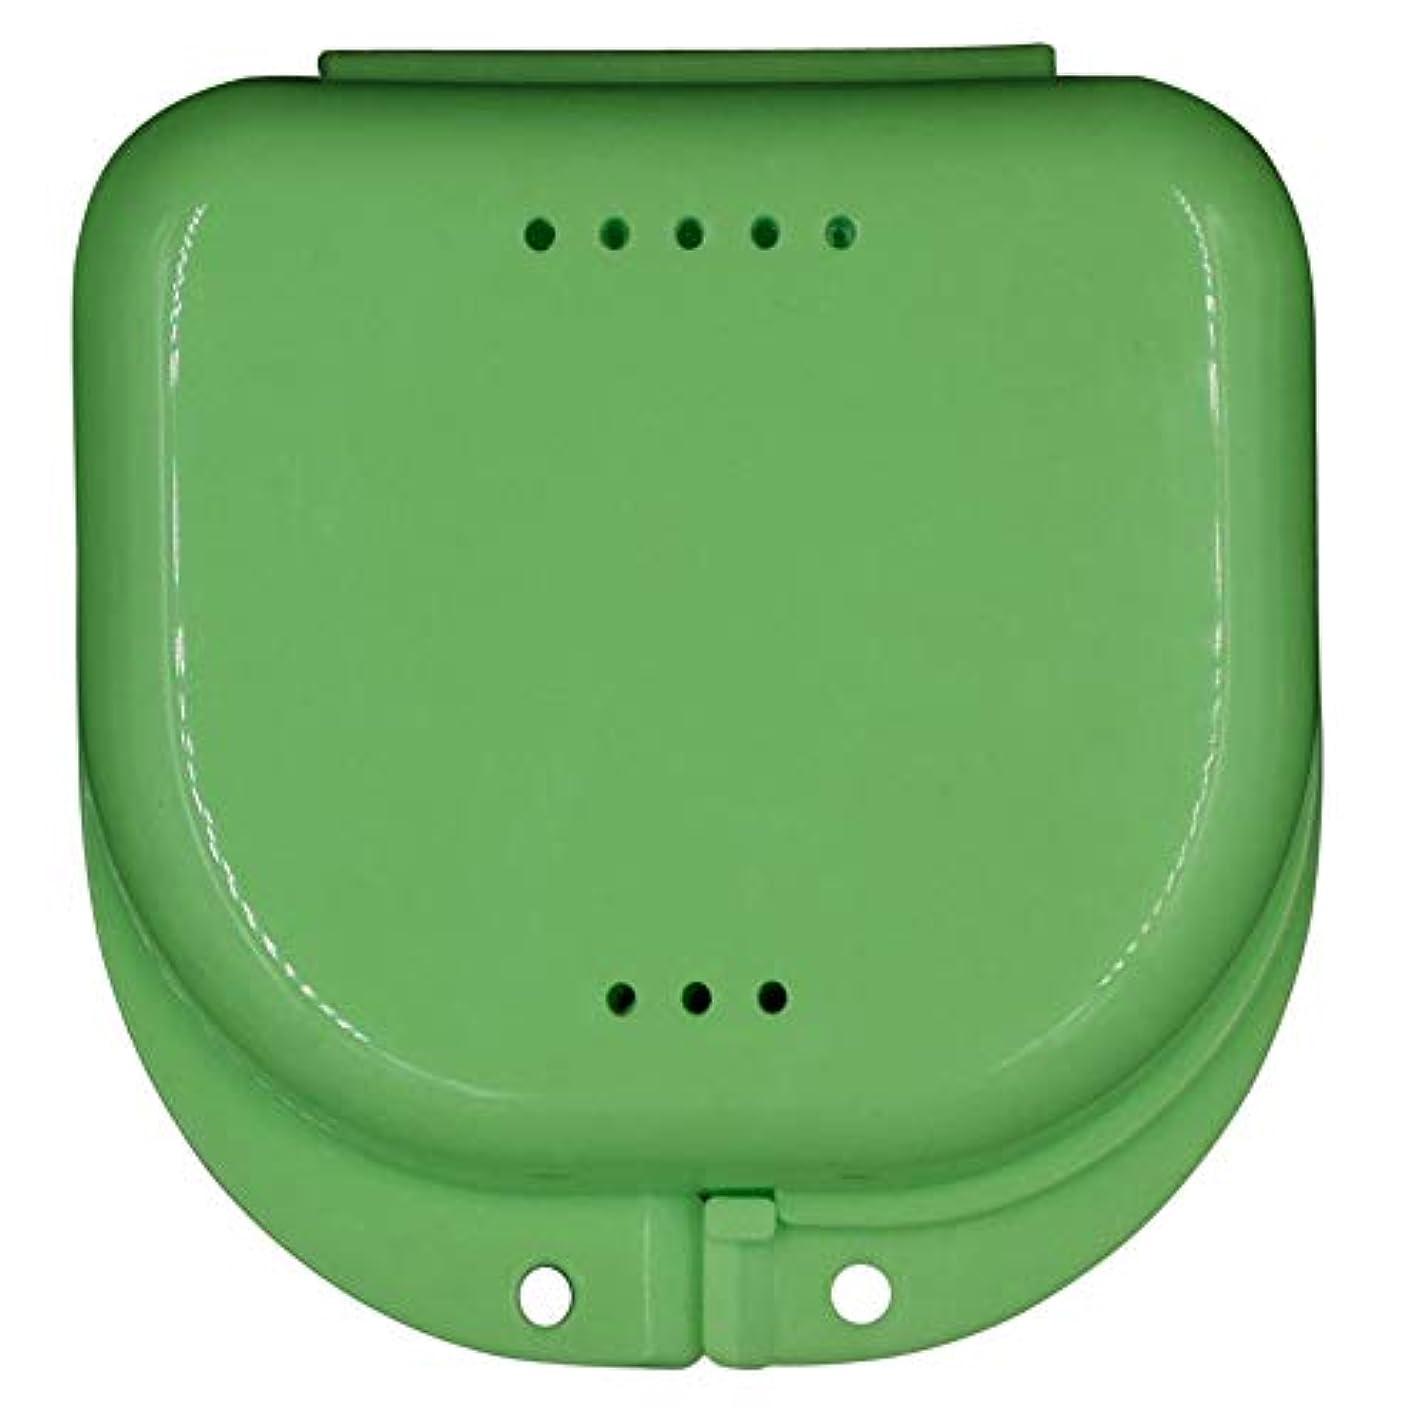 純粋なサンダル詳細なDream 義歯ボックス 入れ歯ケース 義歯収納容器 入れ歯収納 義歯ケース 保管ケース 軽量 携帯便利 ストレーナー付き (グリーン)